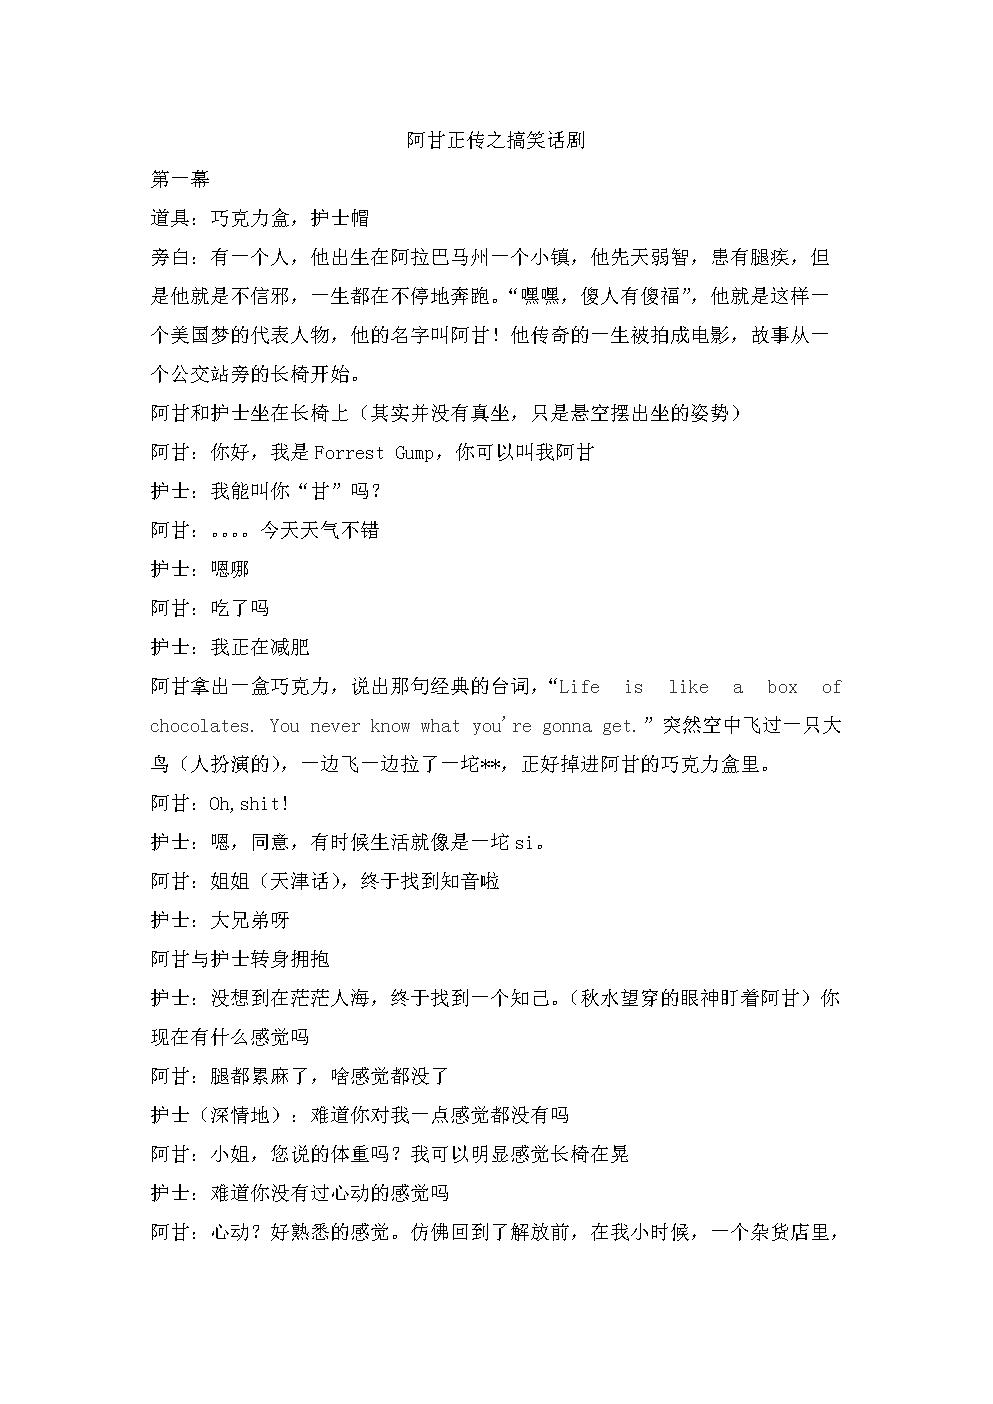 阿甘正传之搞笑话剧.doc